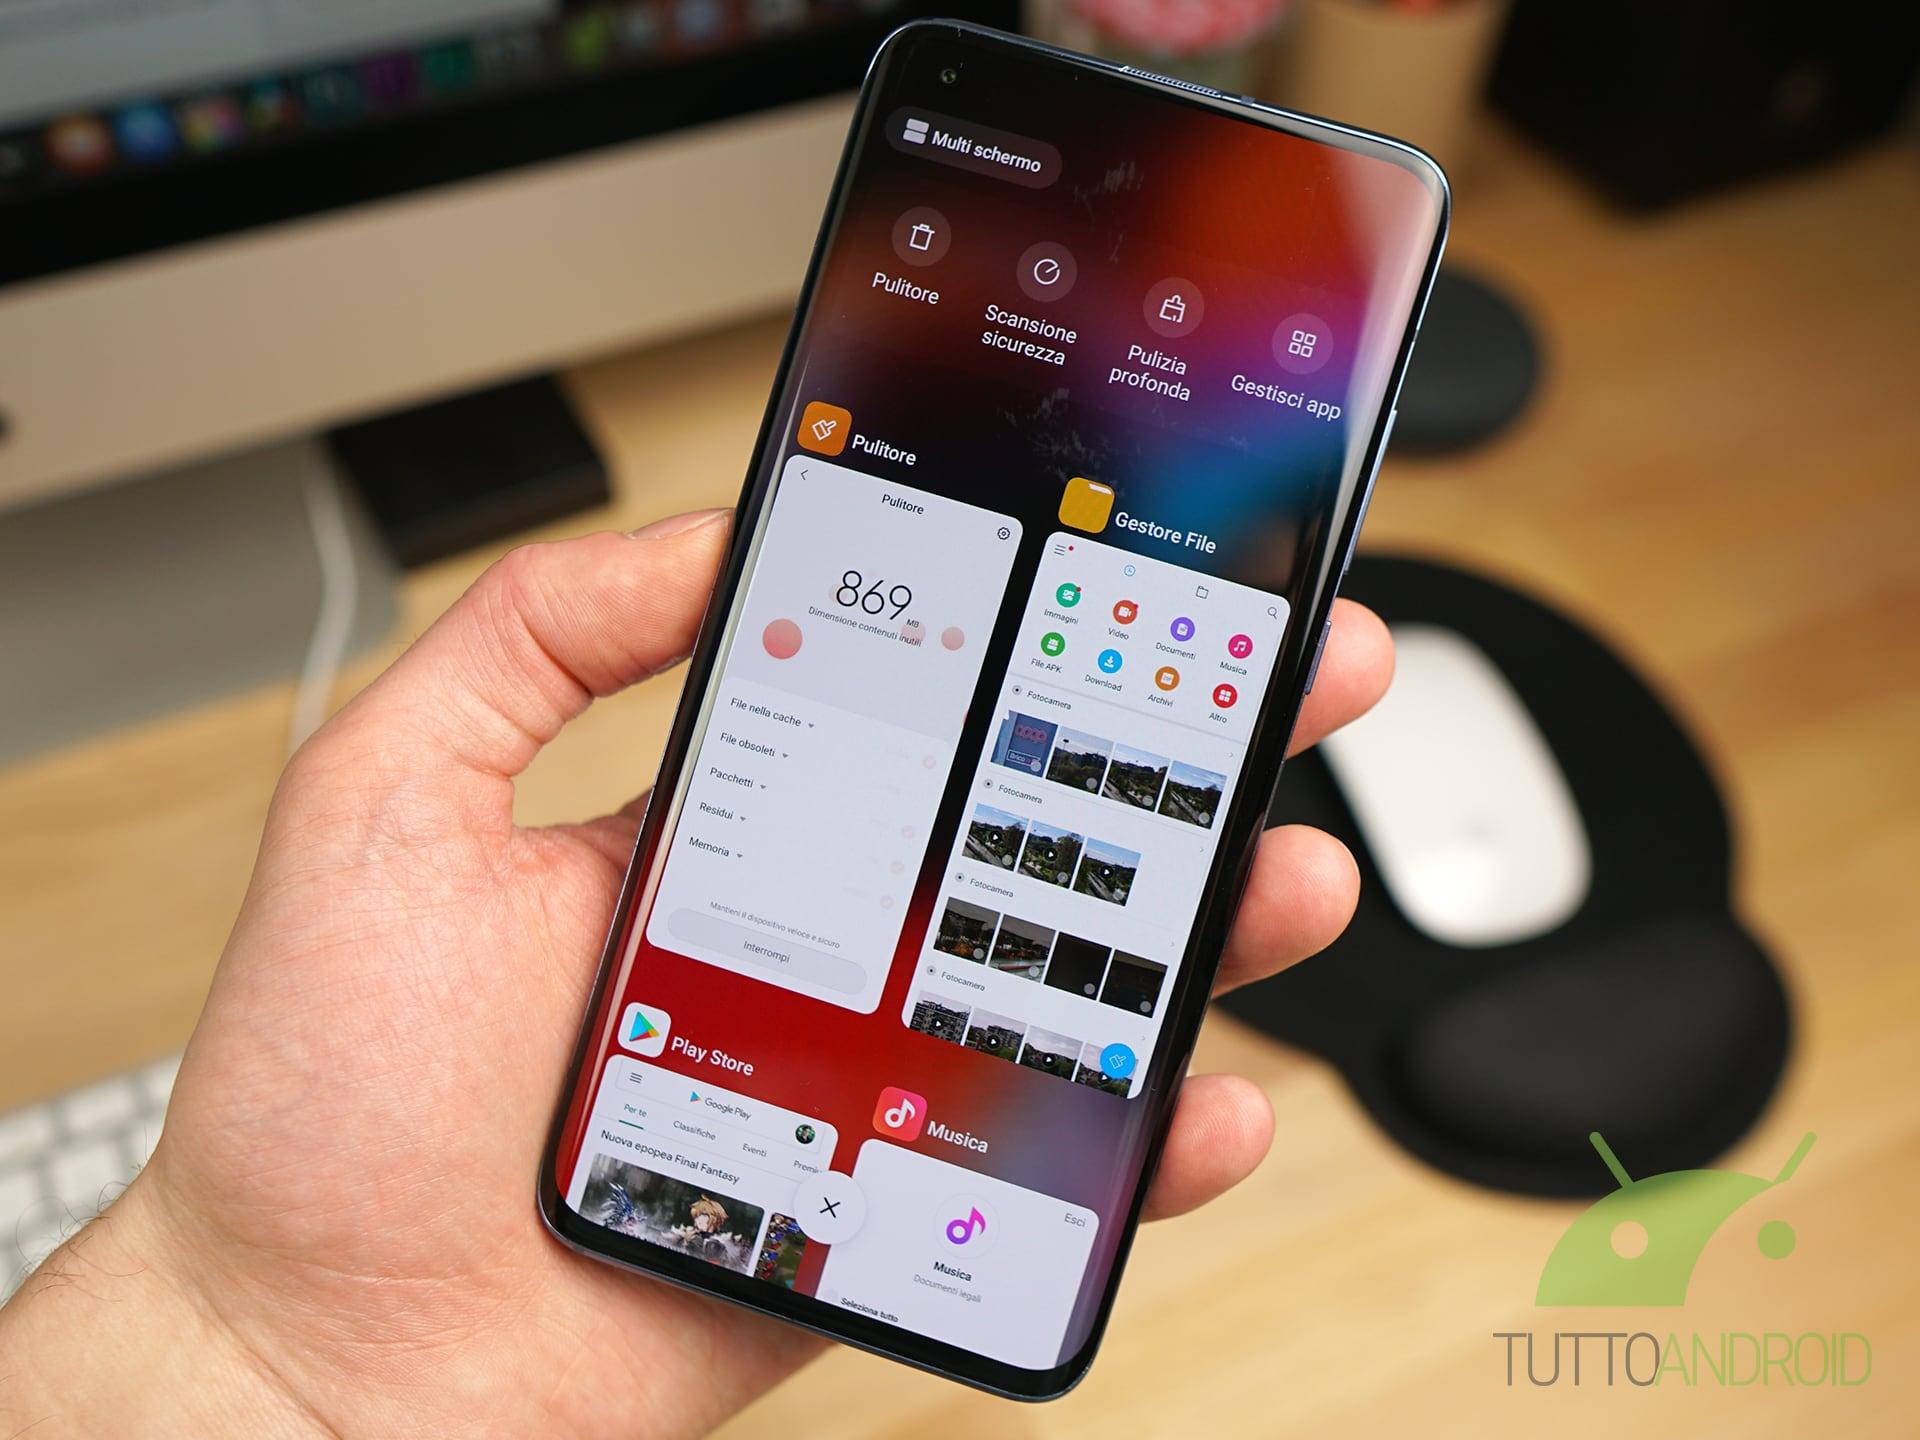 Xiaomi non lancerà più smartphone 4G entro l'anno: punterà t